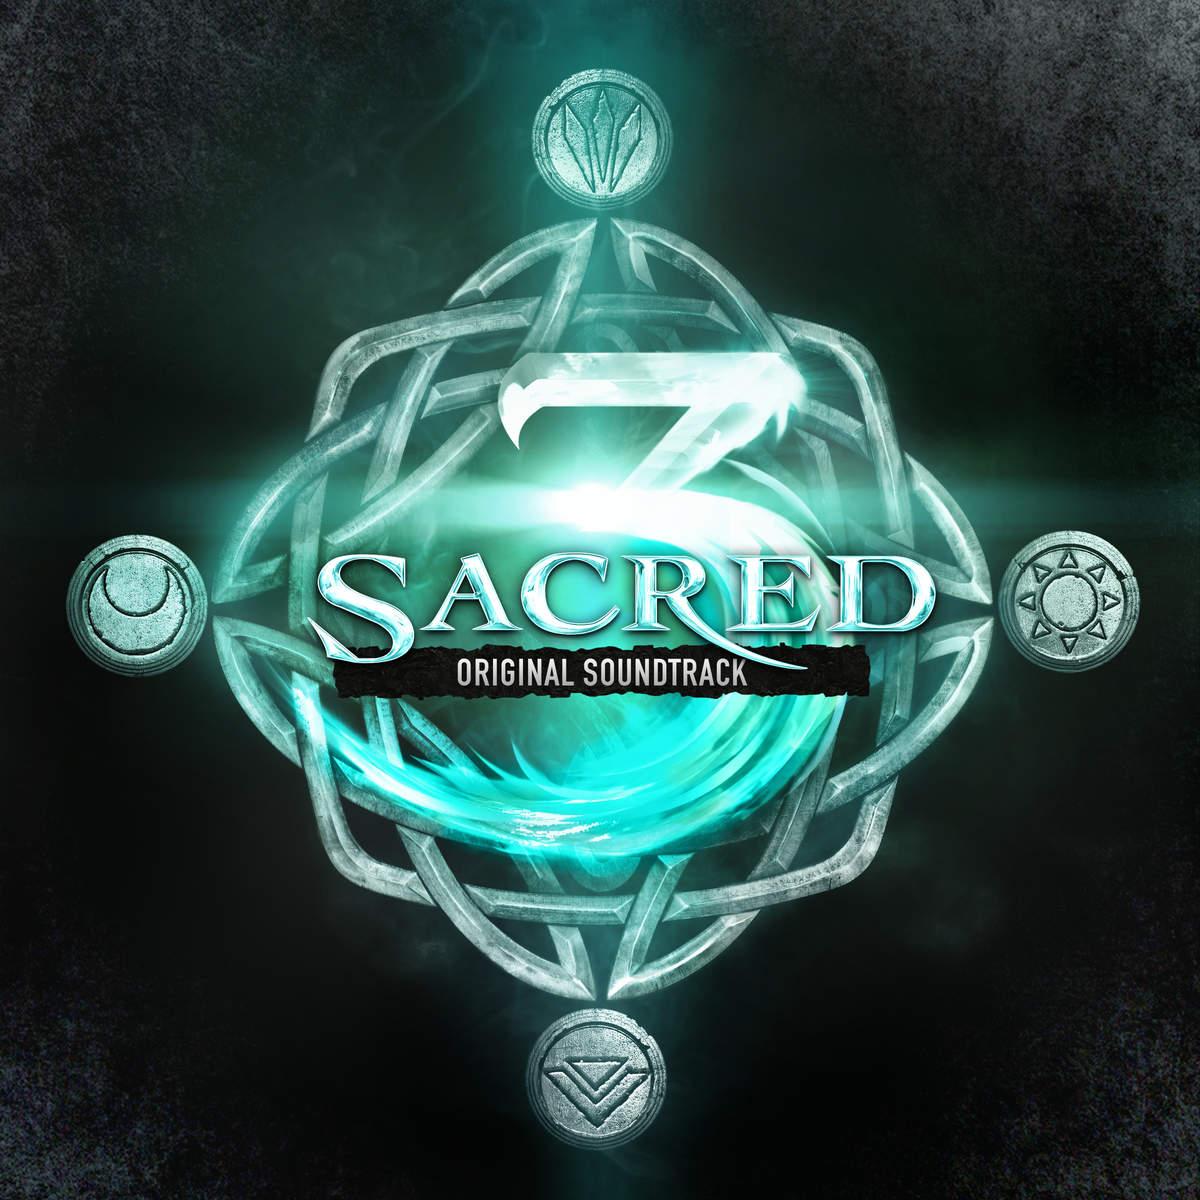 Sacred_3_Original_Soundtrack__cover1200x1200.jpeg